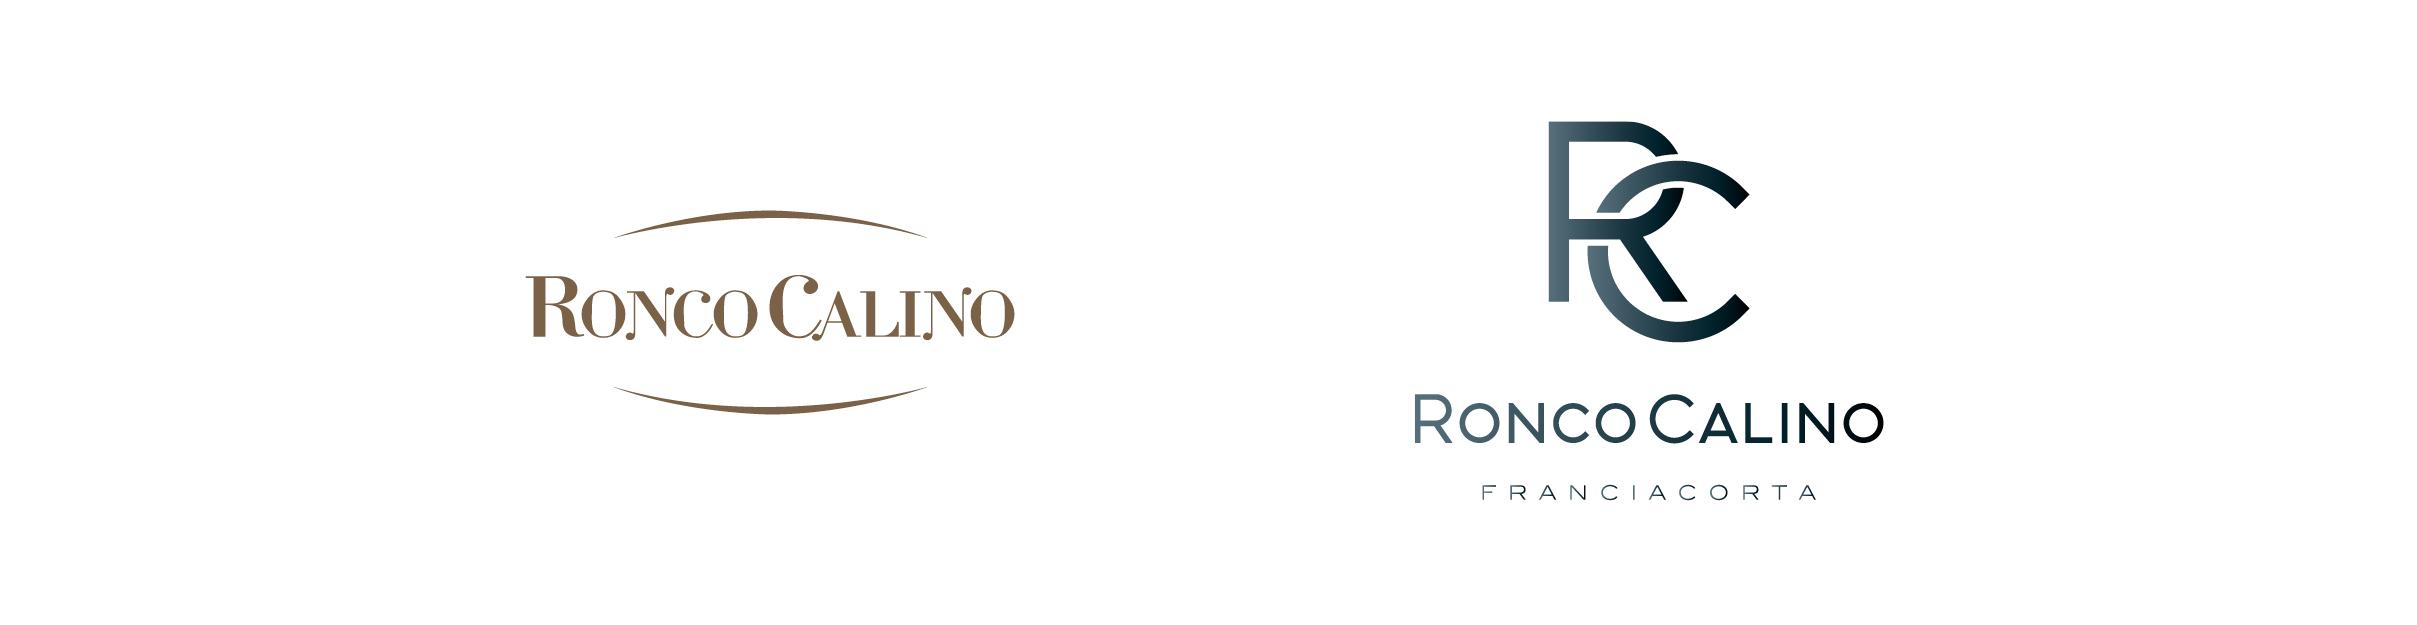 Ronco Calino – Franciacorta